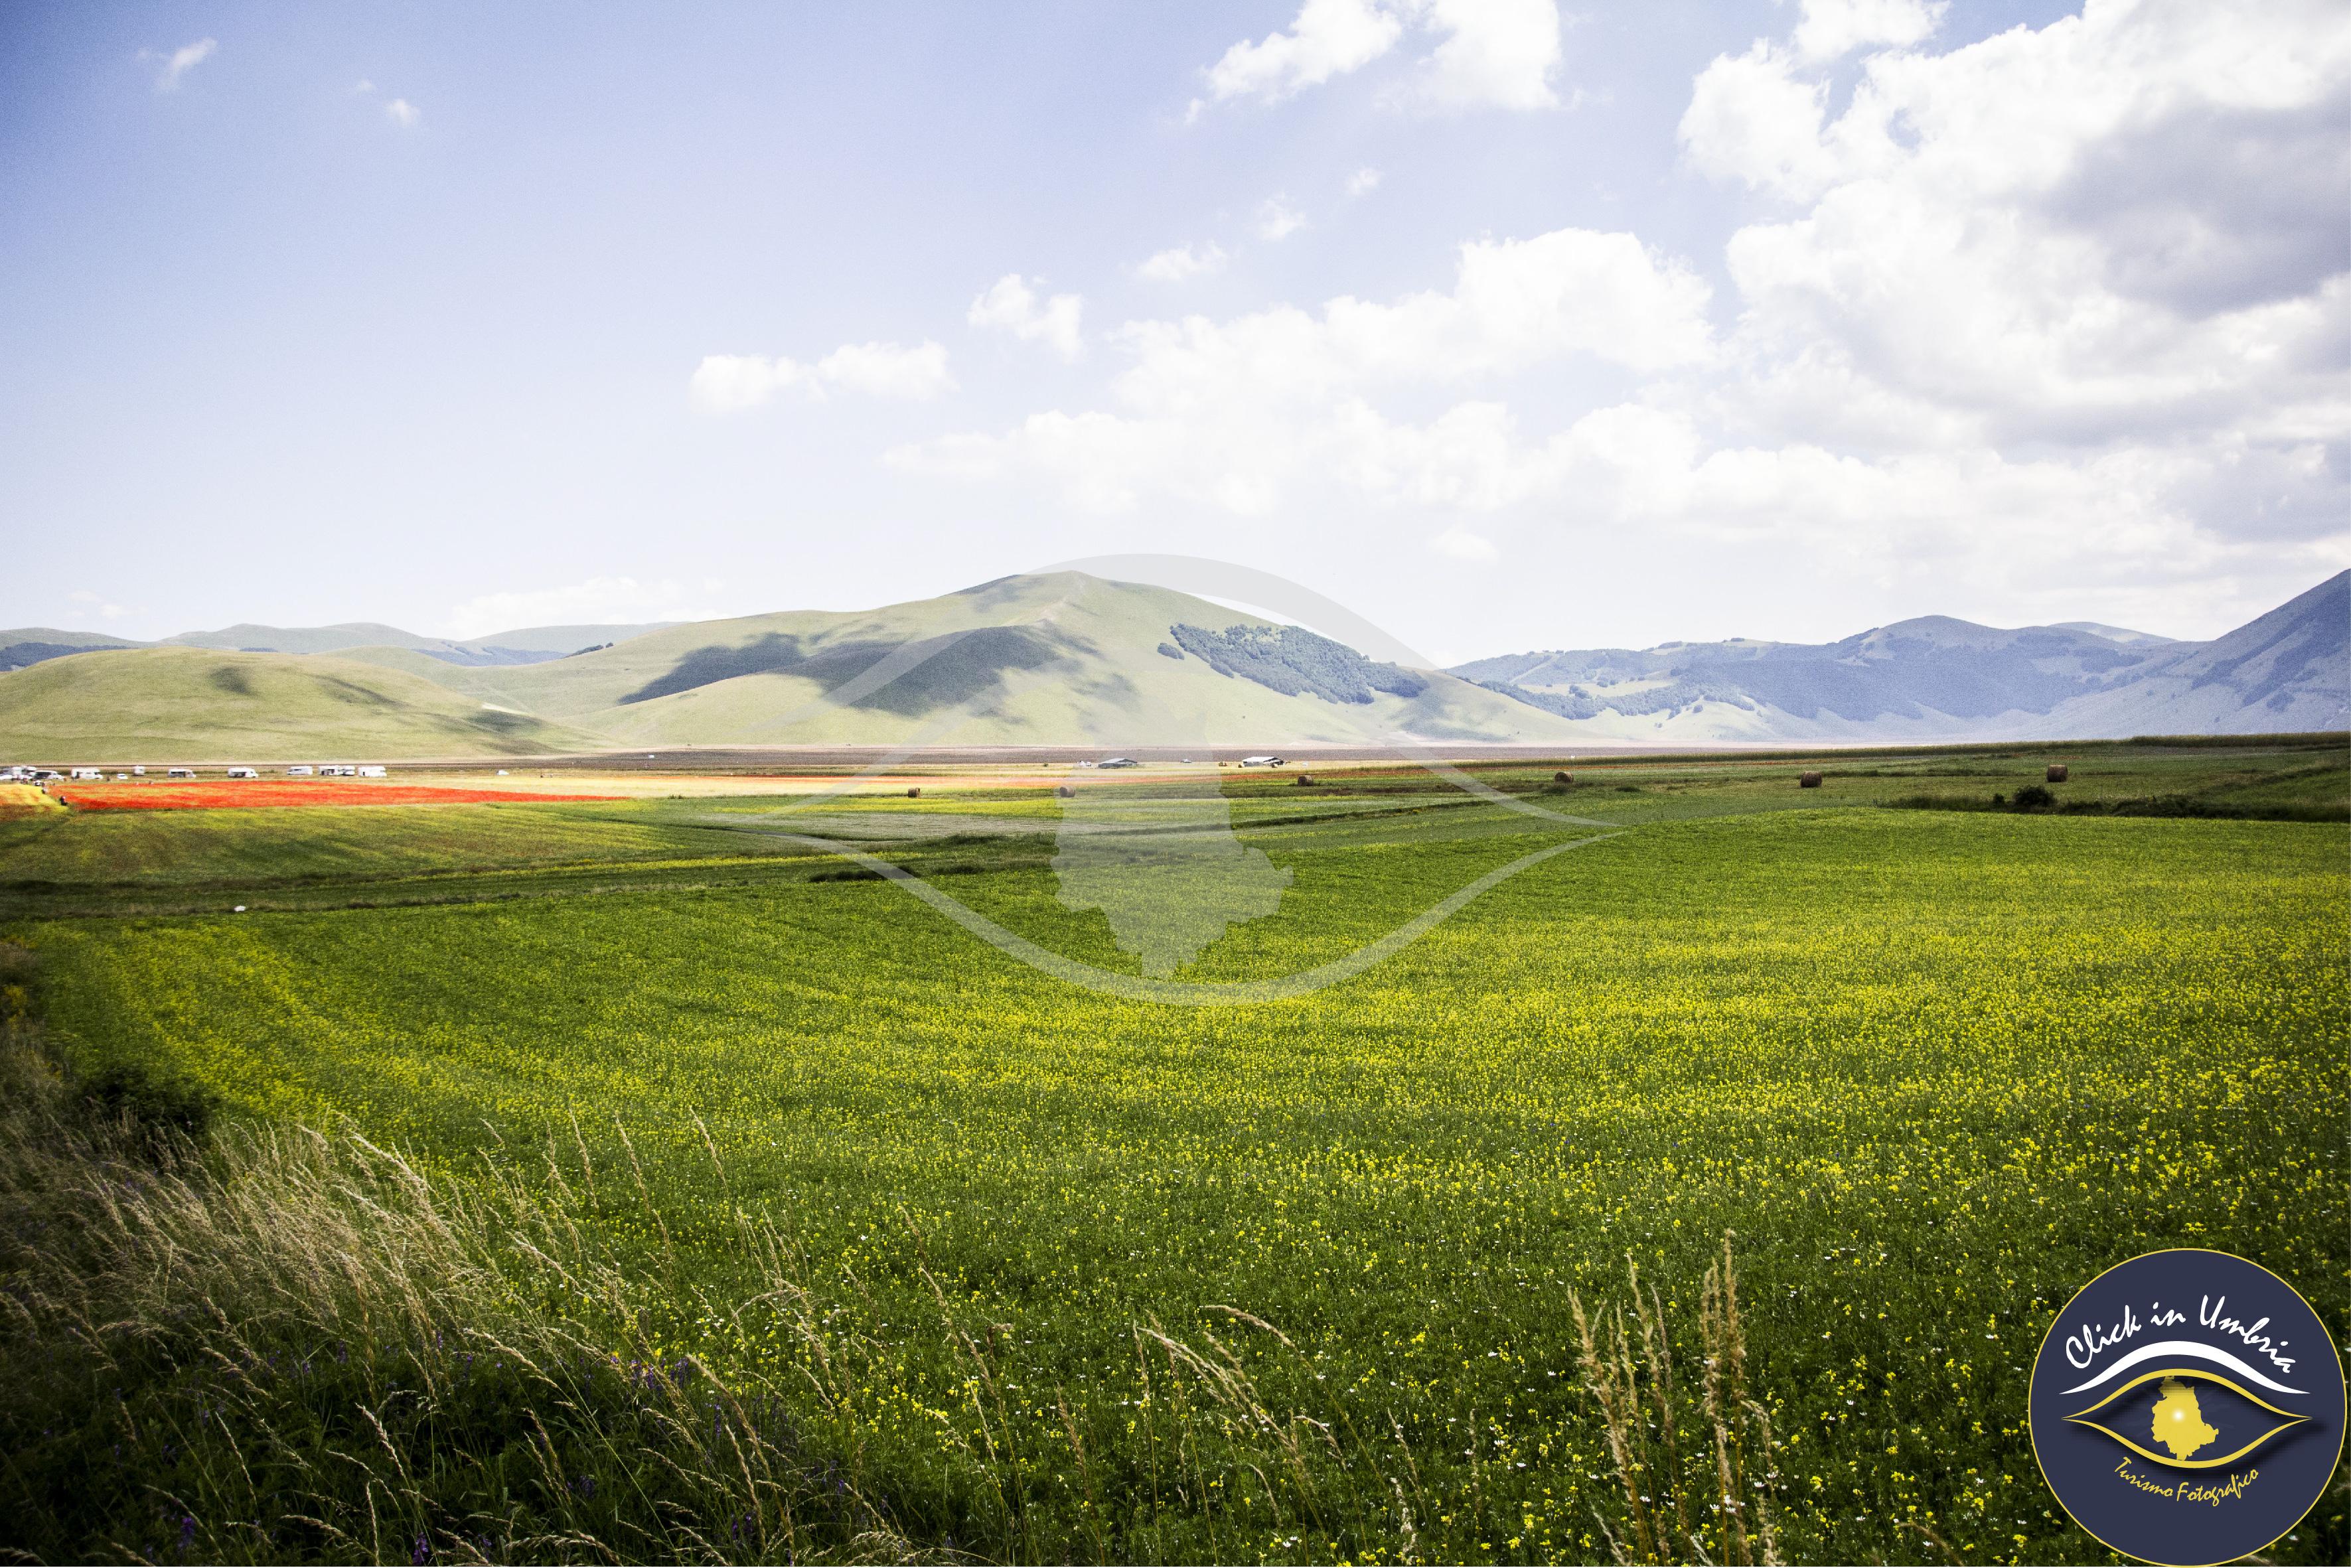 L'Umbria, il turismo e il web: convivenza tra passato e presente!